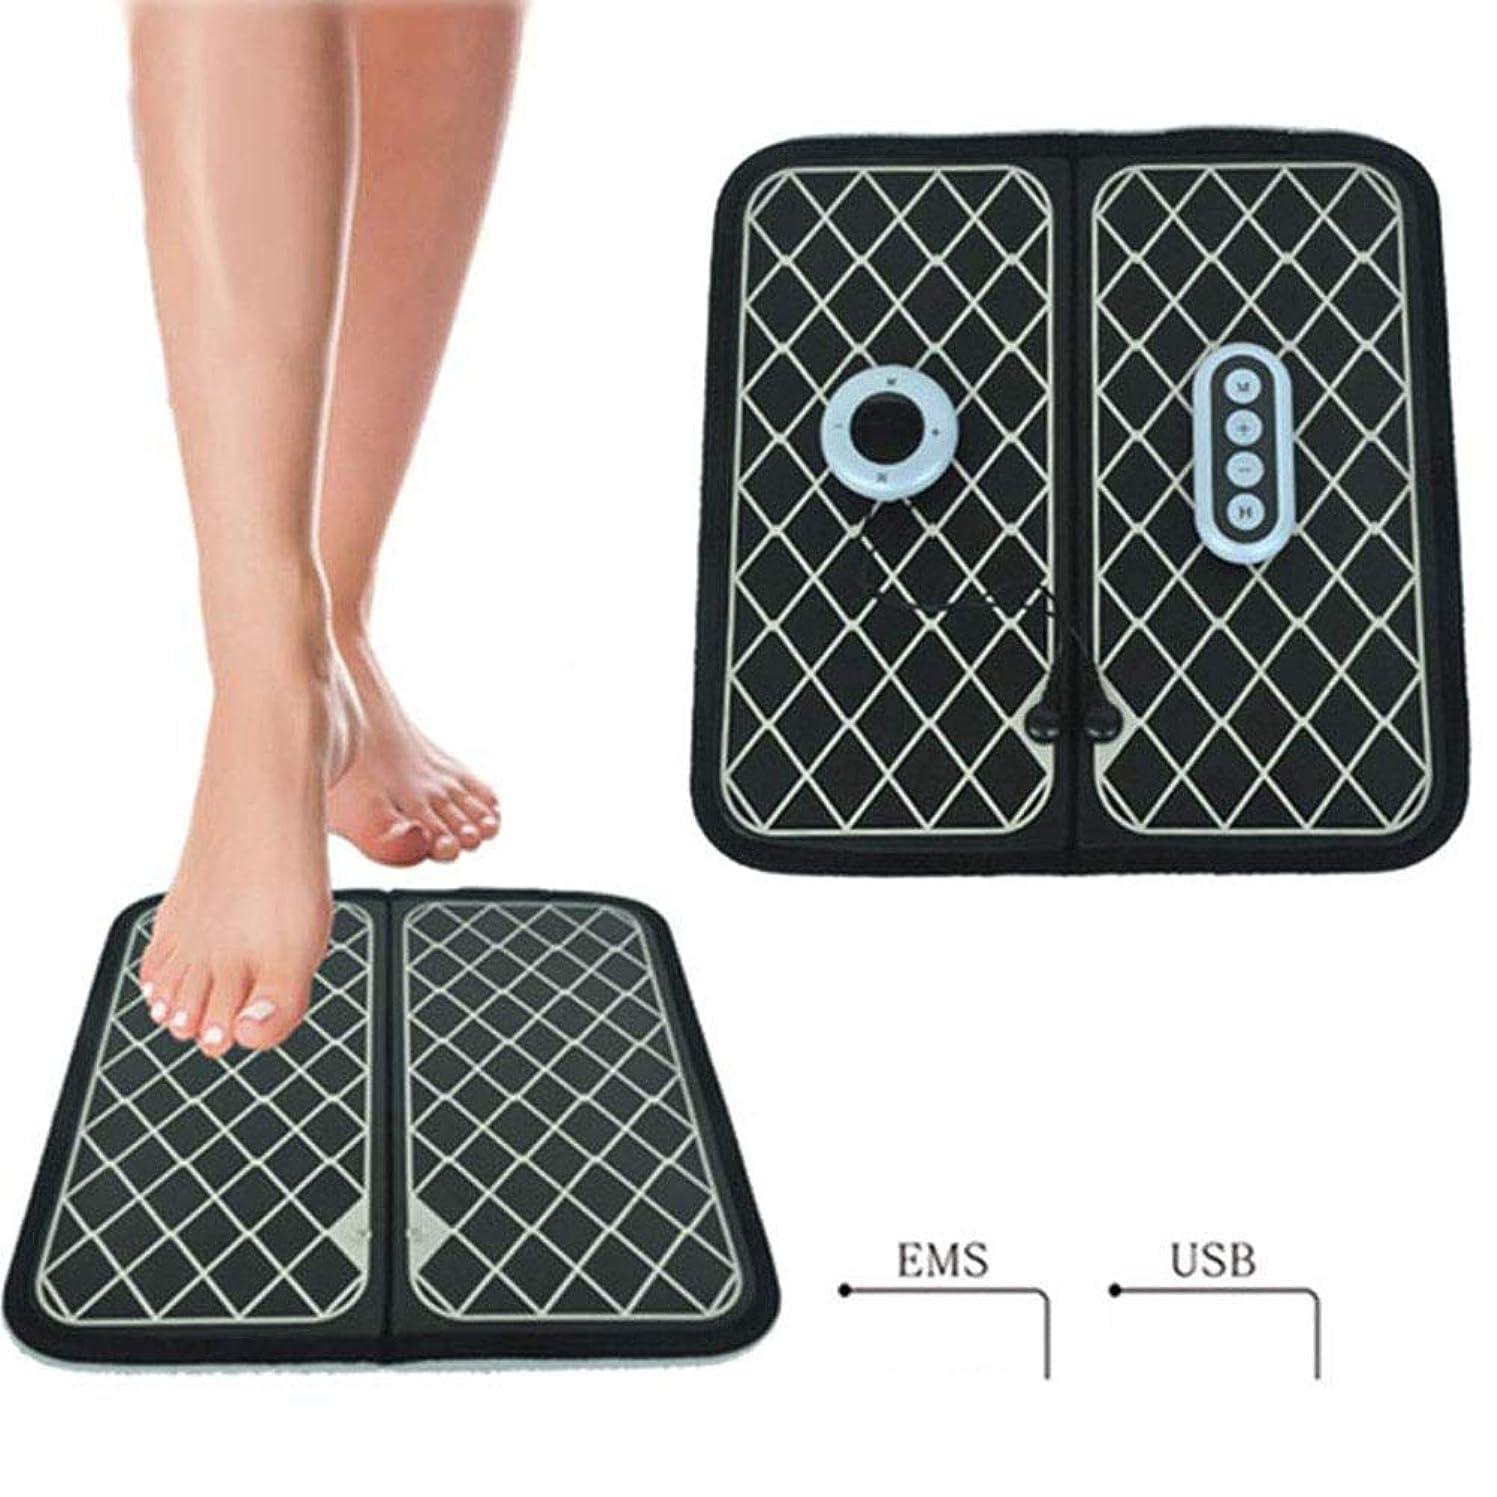 プット交通エスカレートフットマッサージャーEMSフットサイクルUSBマッサージャー充電式電磁筋肉刺激により、痛みを軽減し、血液循環を改善し、足の疲労を軽減します